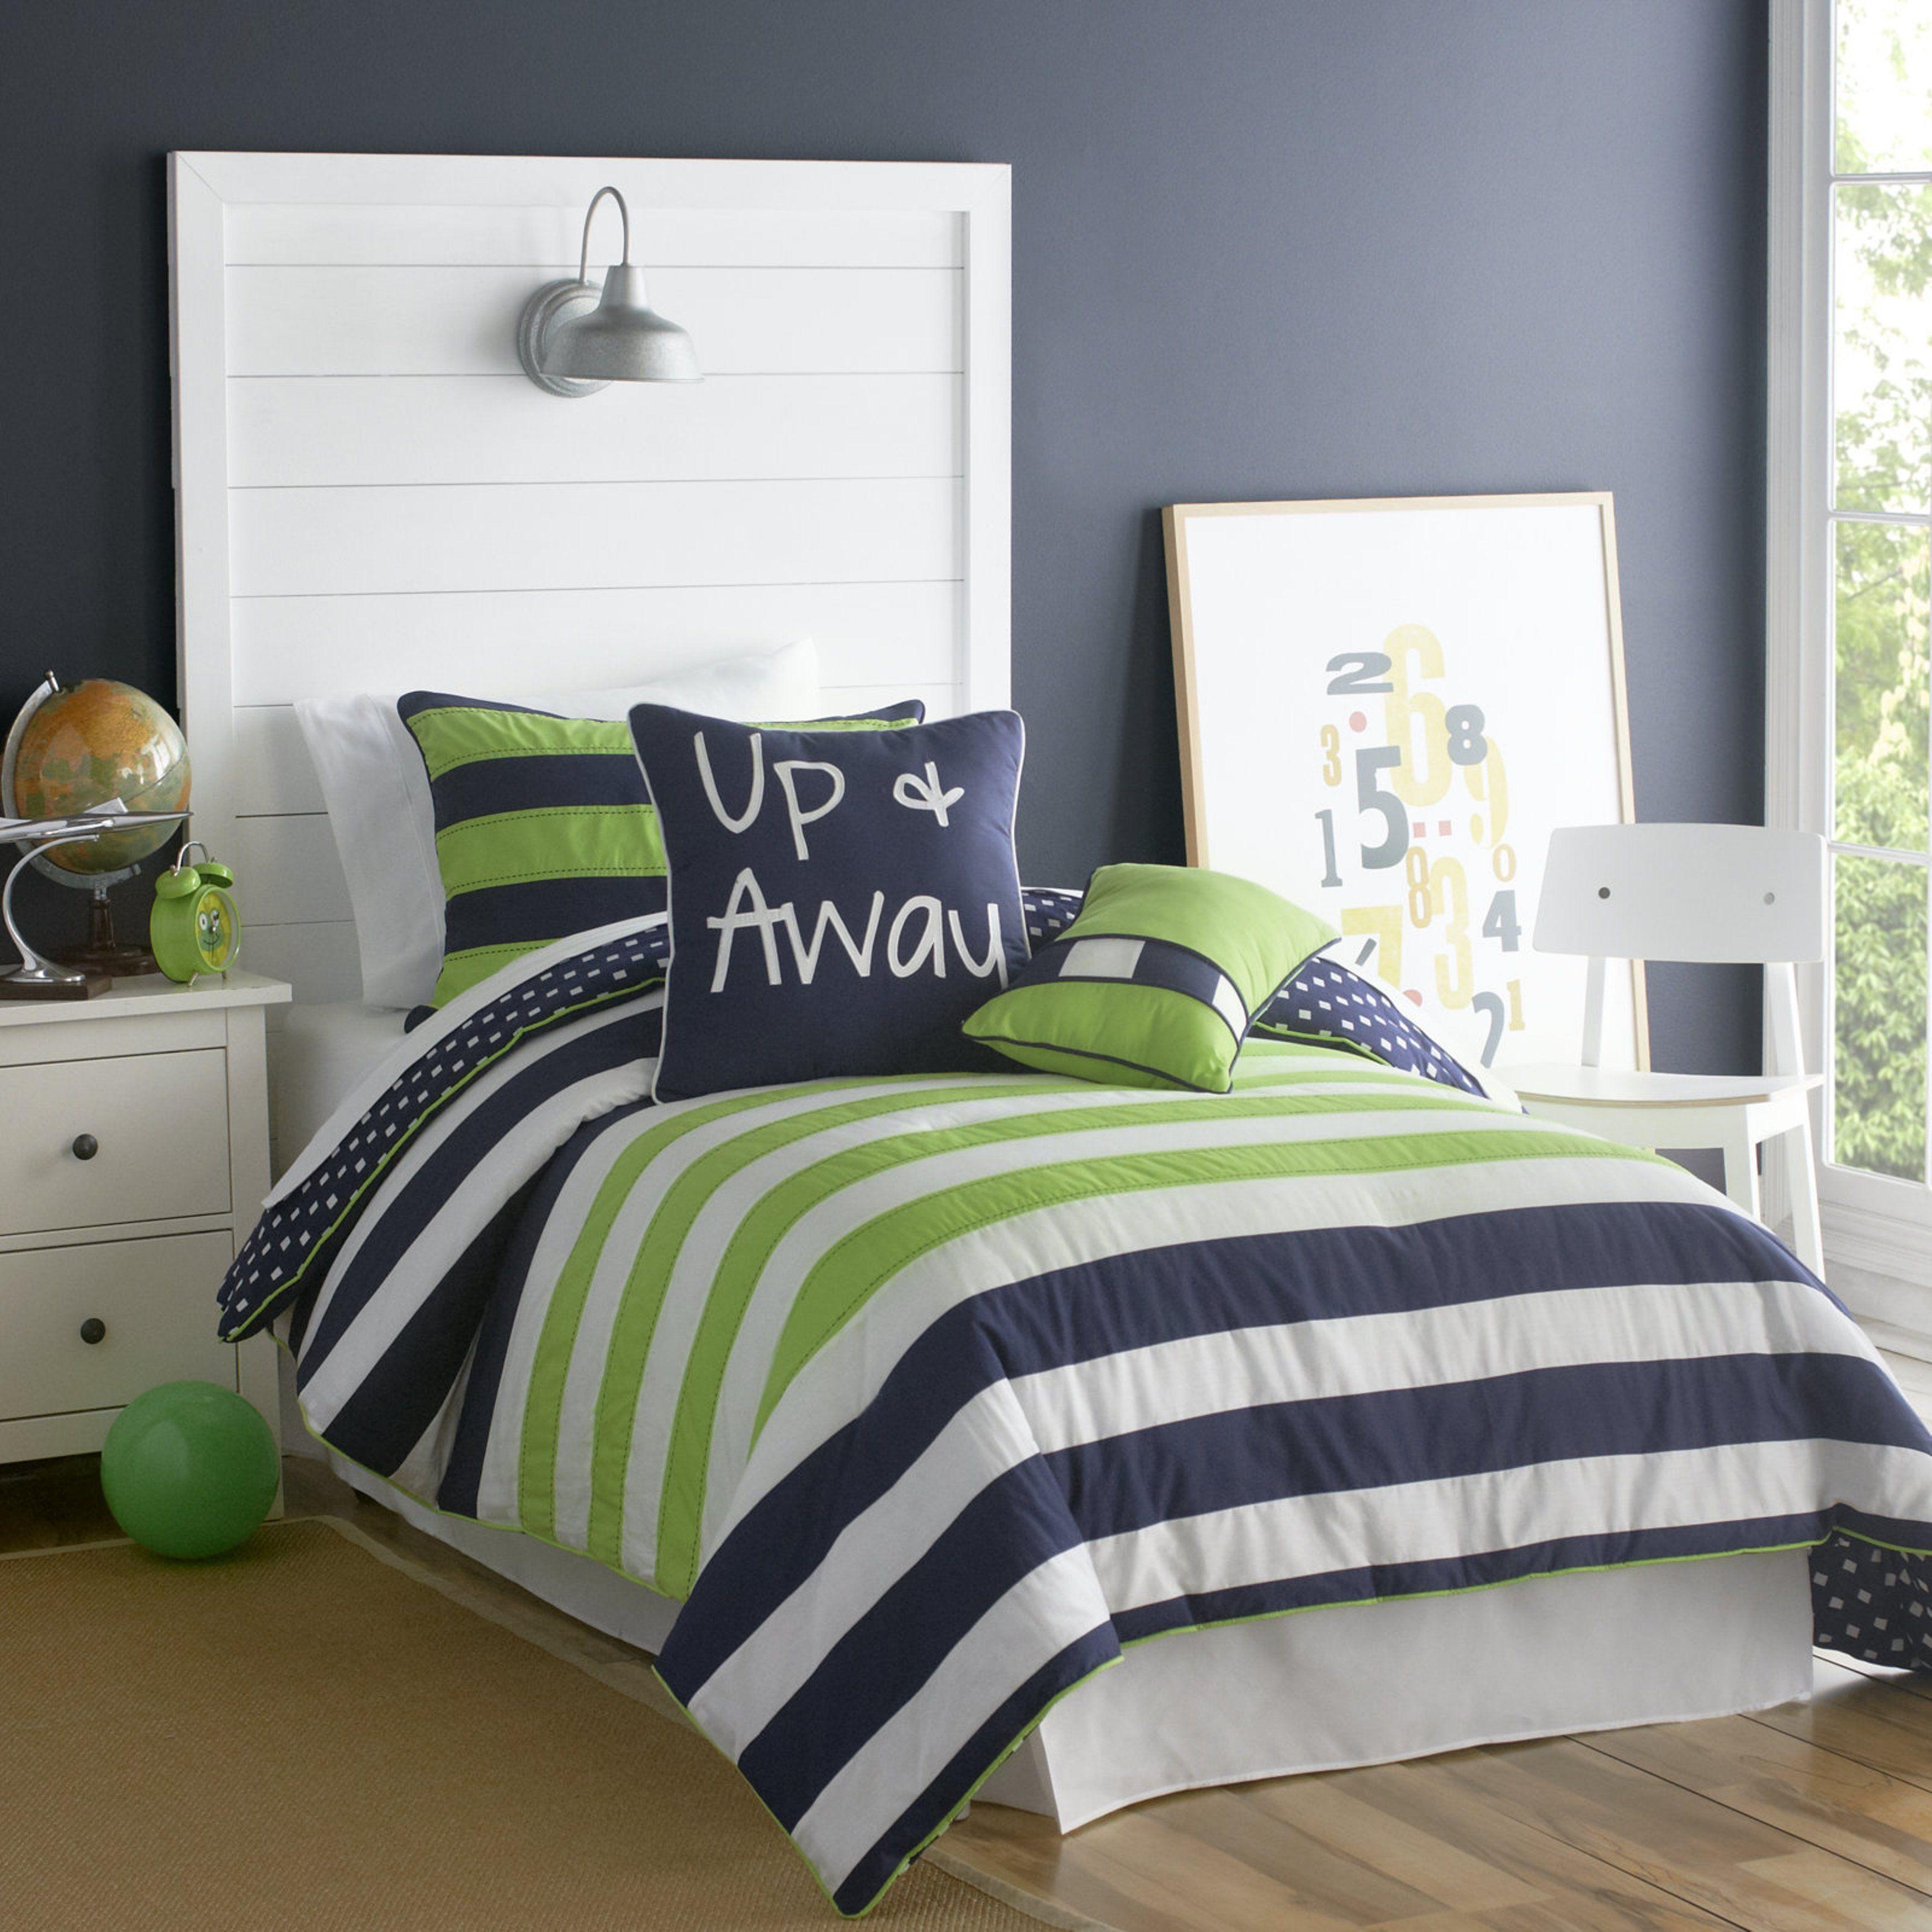 Green Boys Room: Big Believers Up And Away 3-piece Comforter Set